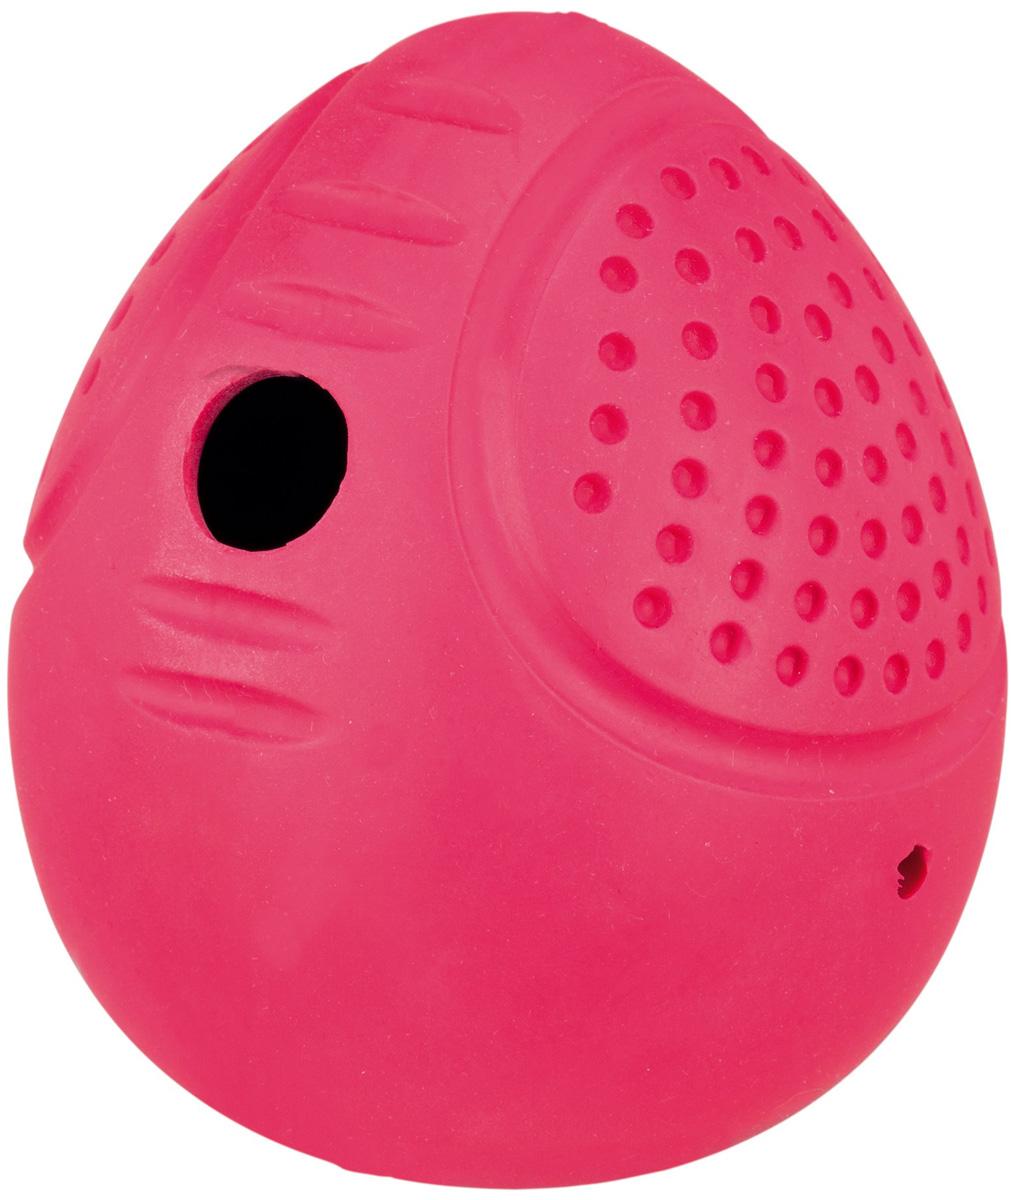 Игрушка для собак Trixie яйцо Roly Poly для лакомств 8 см (1 шт)